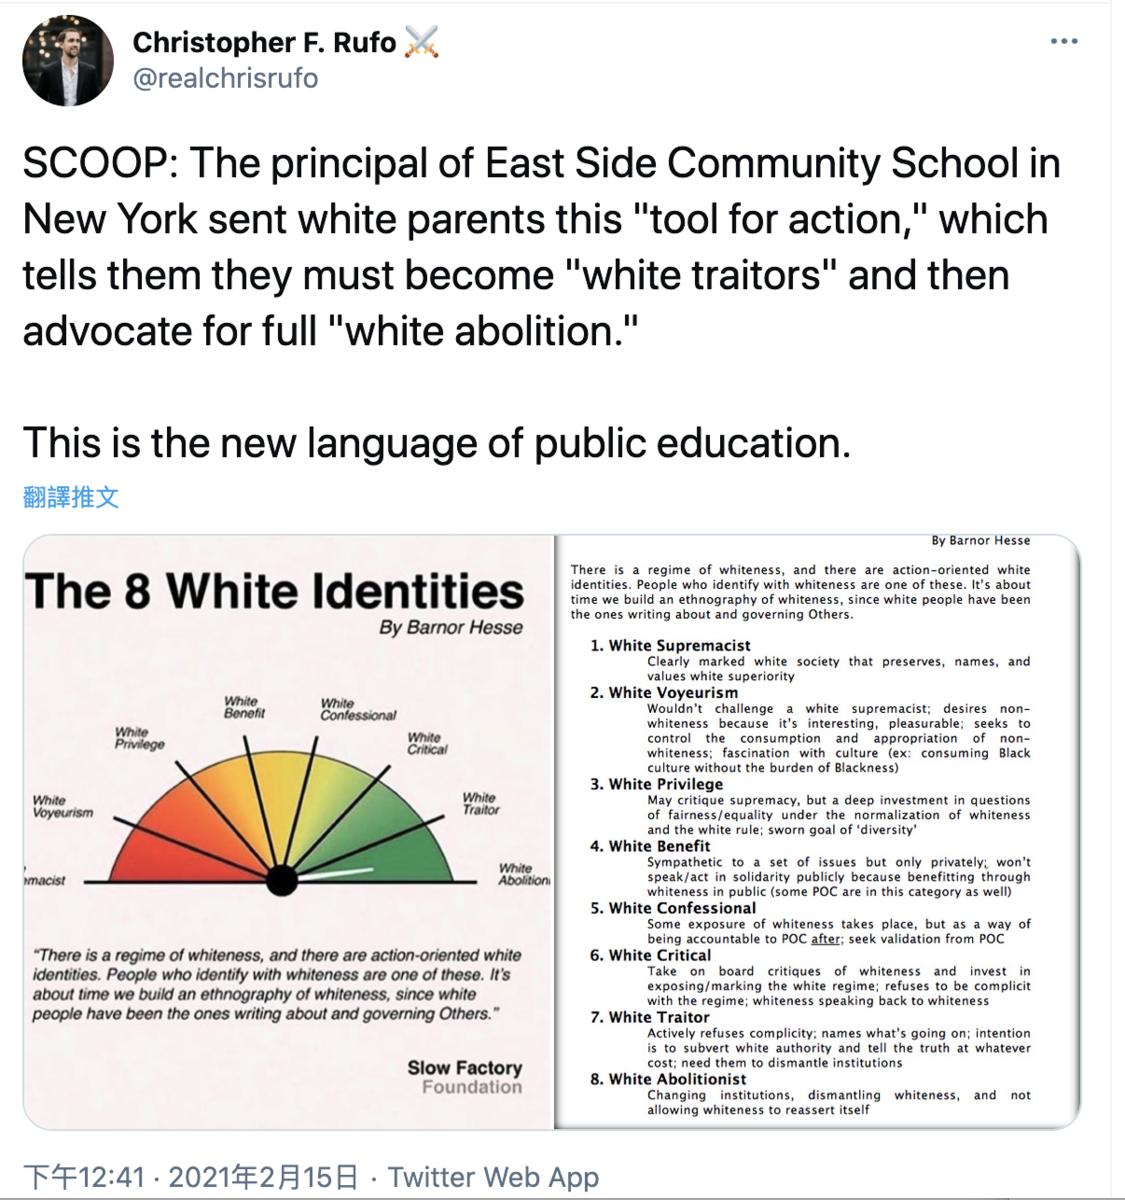 紐約市一公立學校向家長派發「白人身份指標」,從「白人至上主義者」到「白人廢奴主義者」有八個類別。網友在推文中寫道,「這是公共教育的新語言」。(推文截圖)